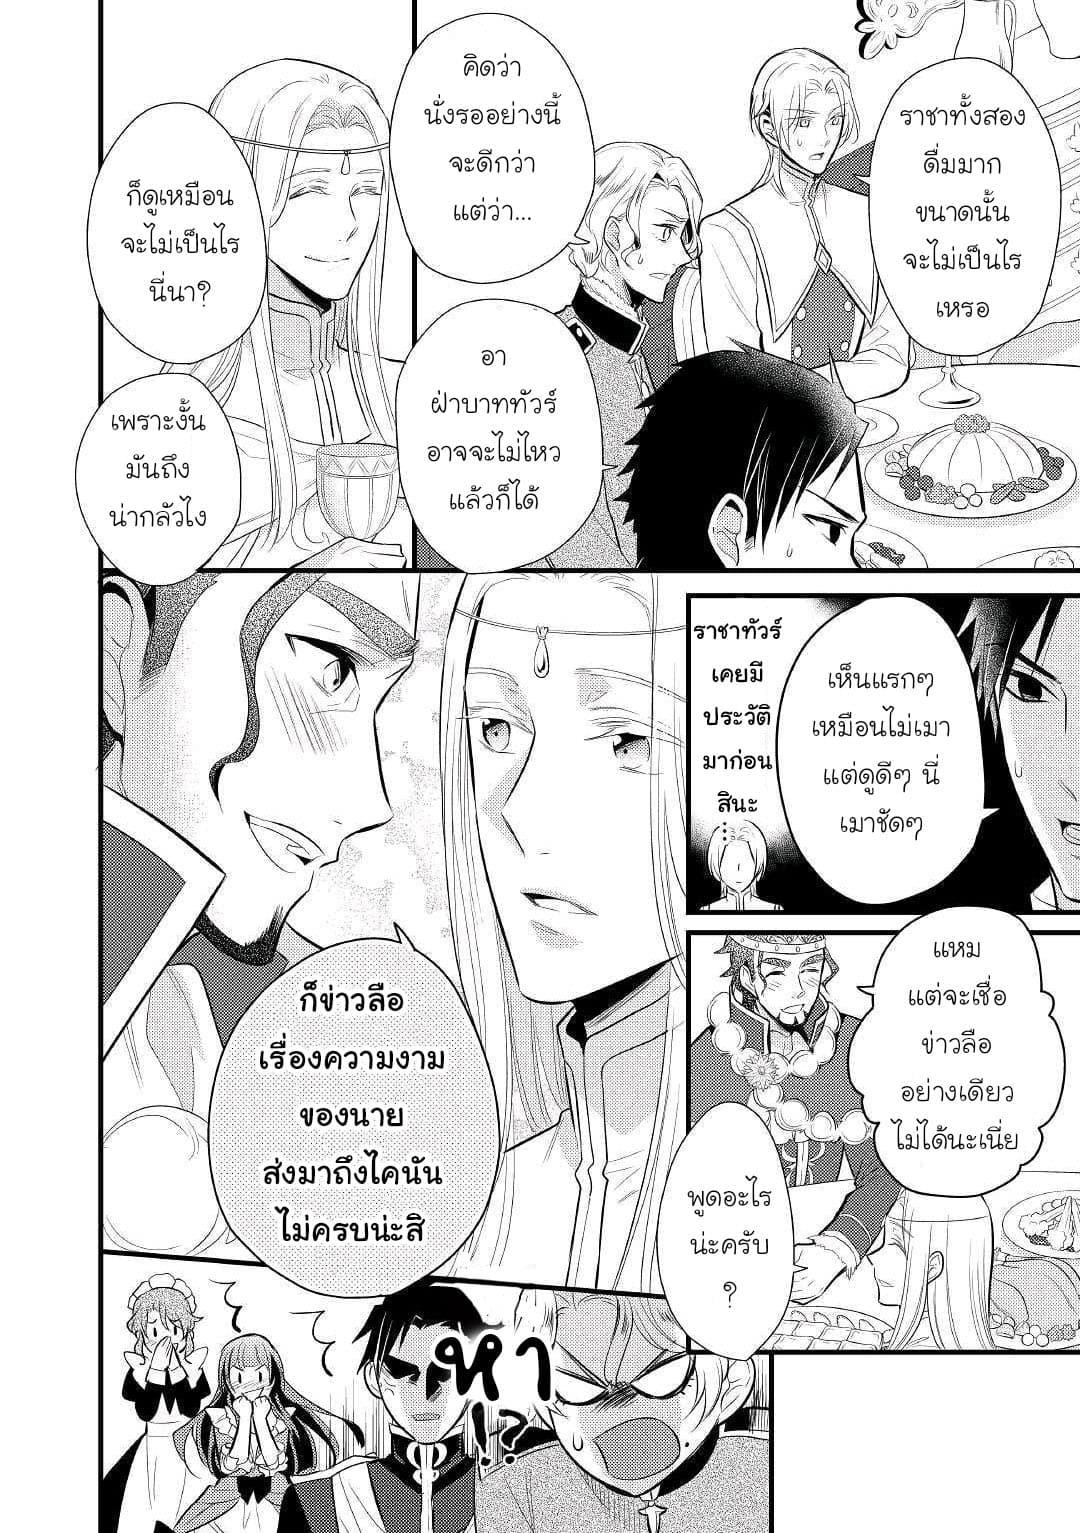 อ่านการ์ตูน Daites Ryou Koubouki ตอนที่ 17 หน้าที่ 16